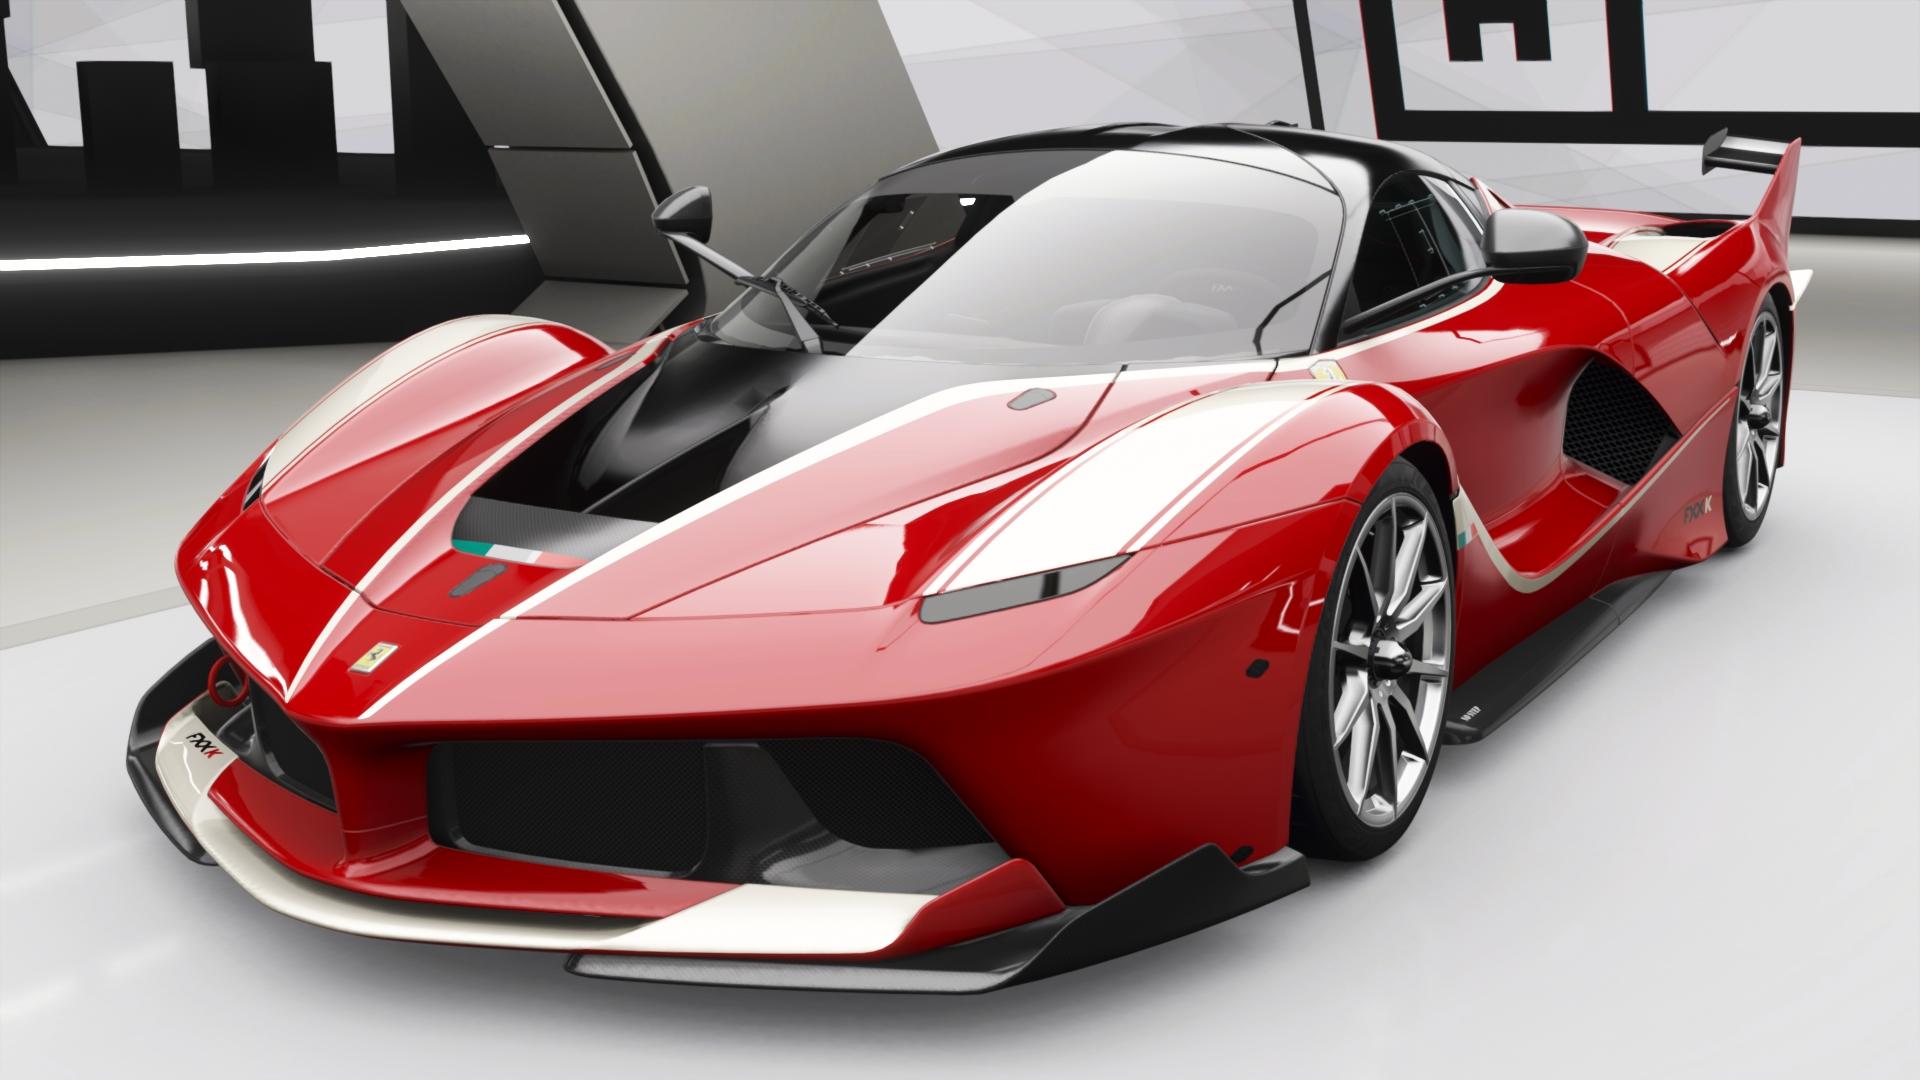 Ferrari FXX K | Forza Motorsport Wiki | FANDOM powered by Wikia